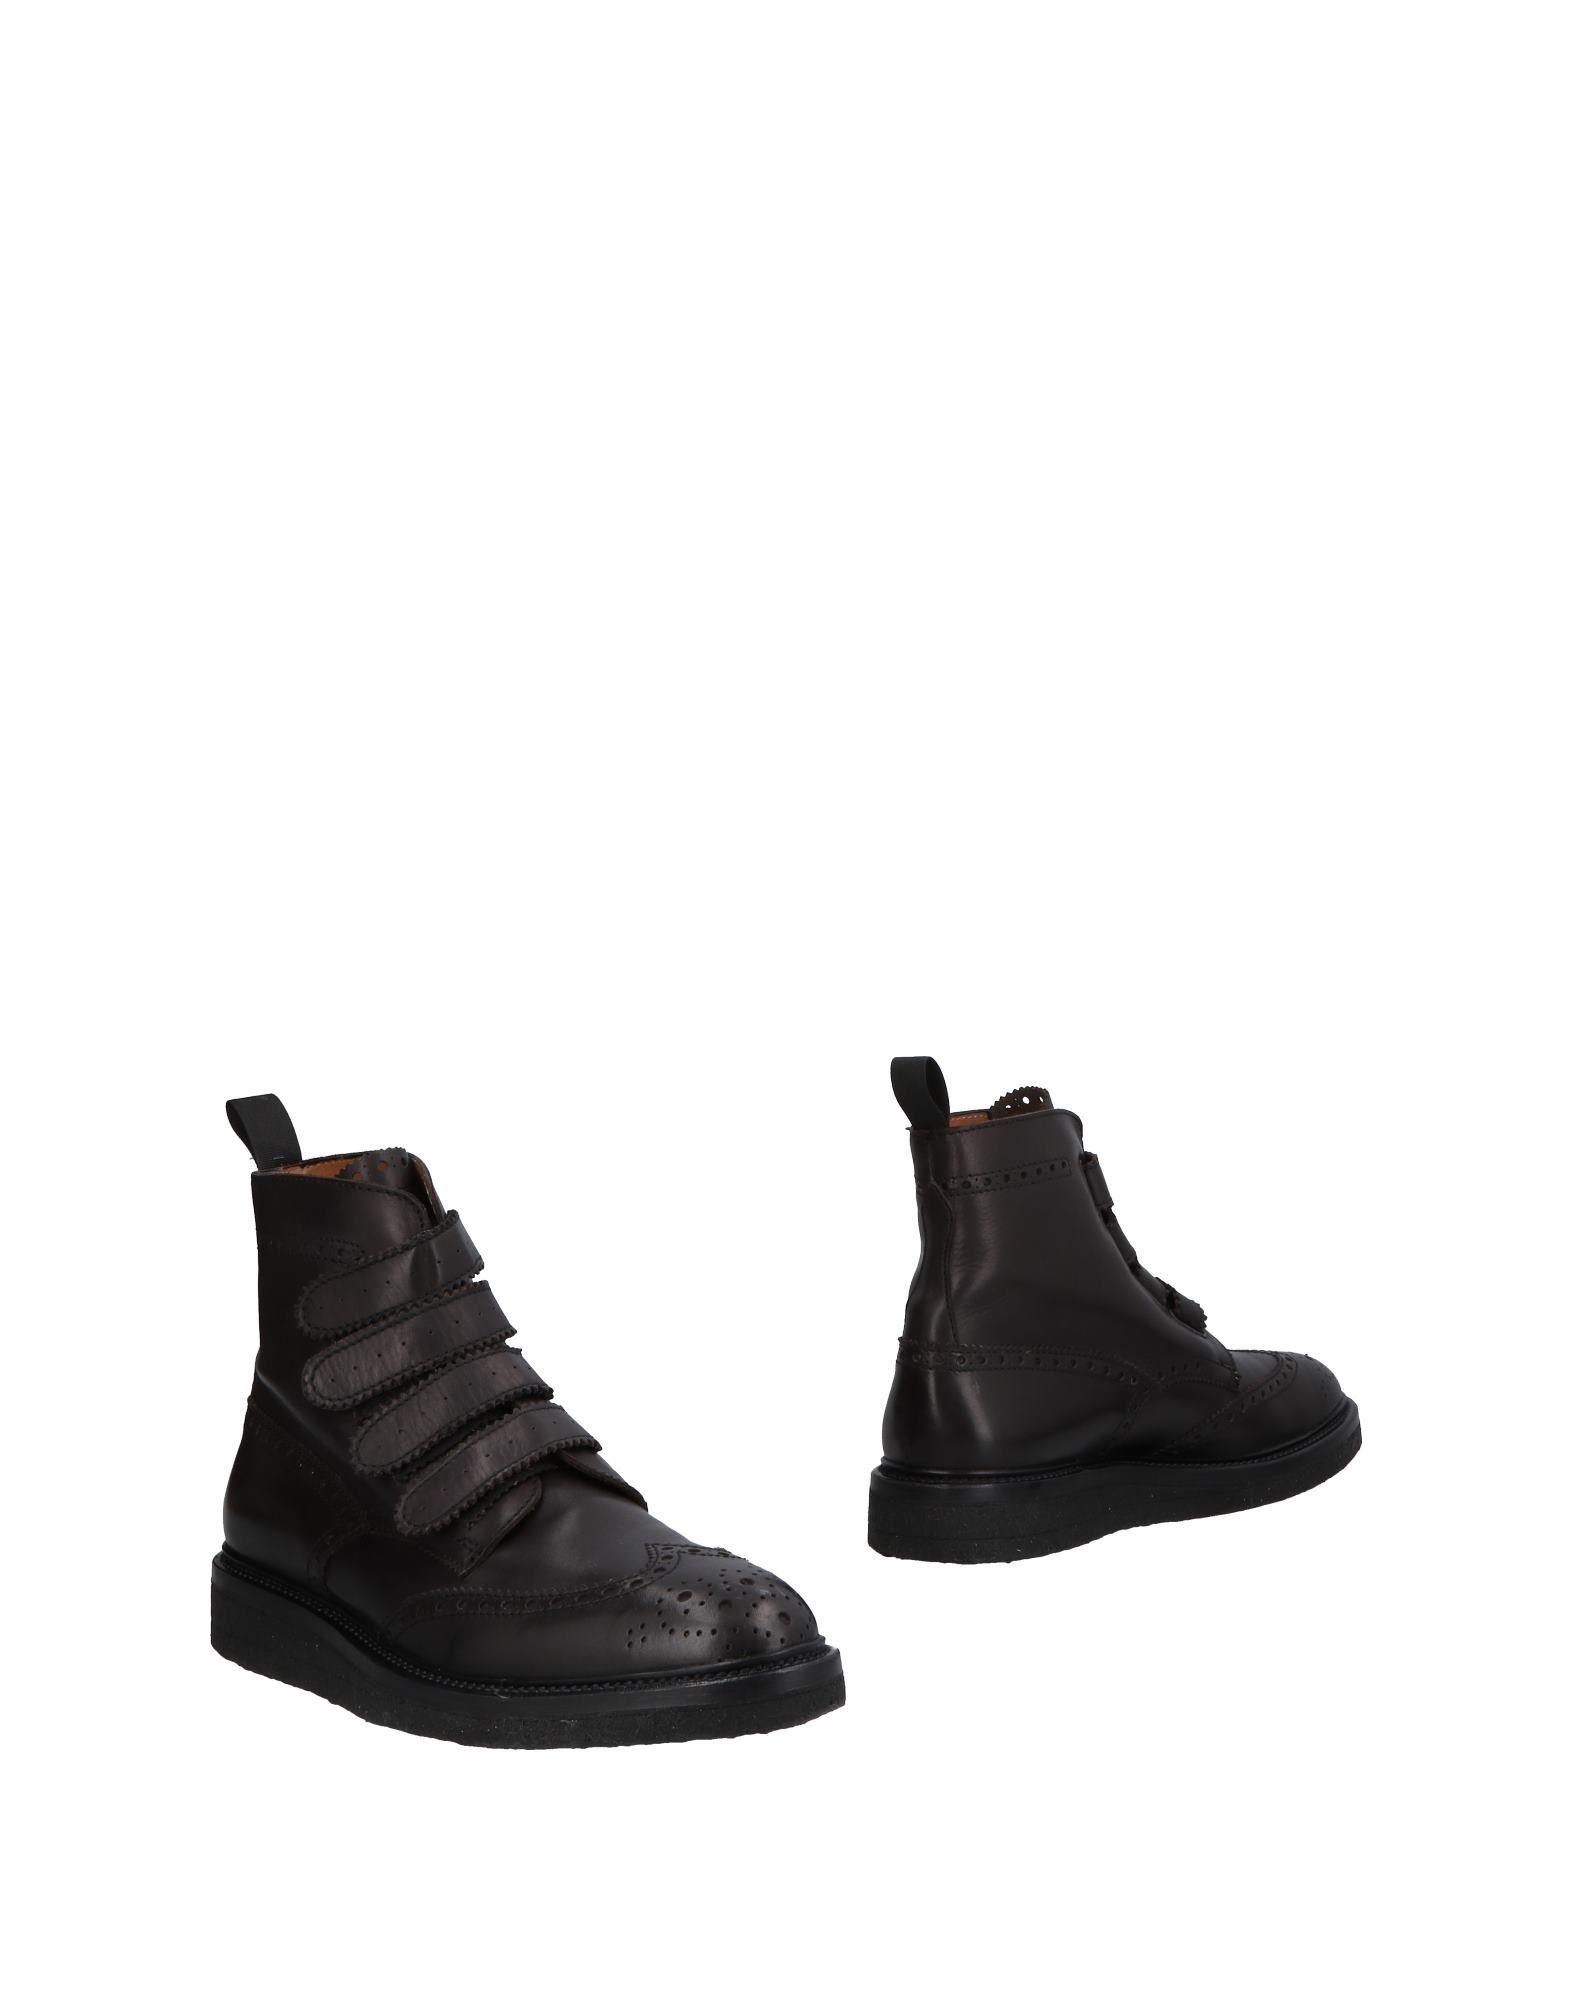 Whf Weber Hodel Feder Stiefelette Herren  11500617KD Gute Qualität beliebte Schuhe